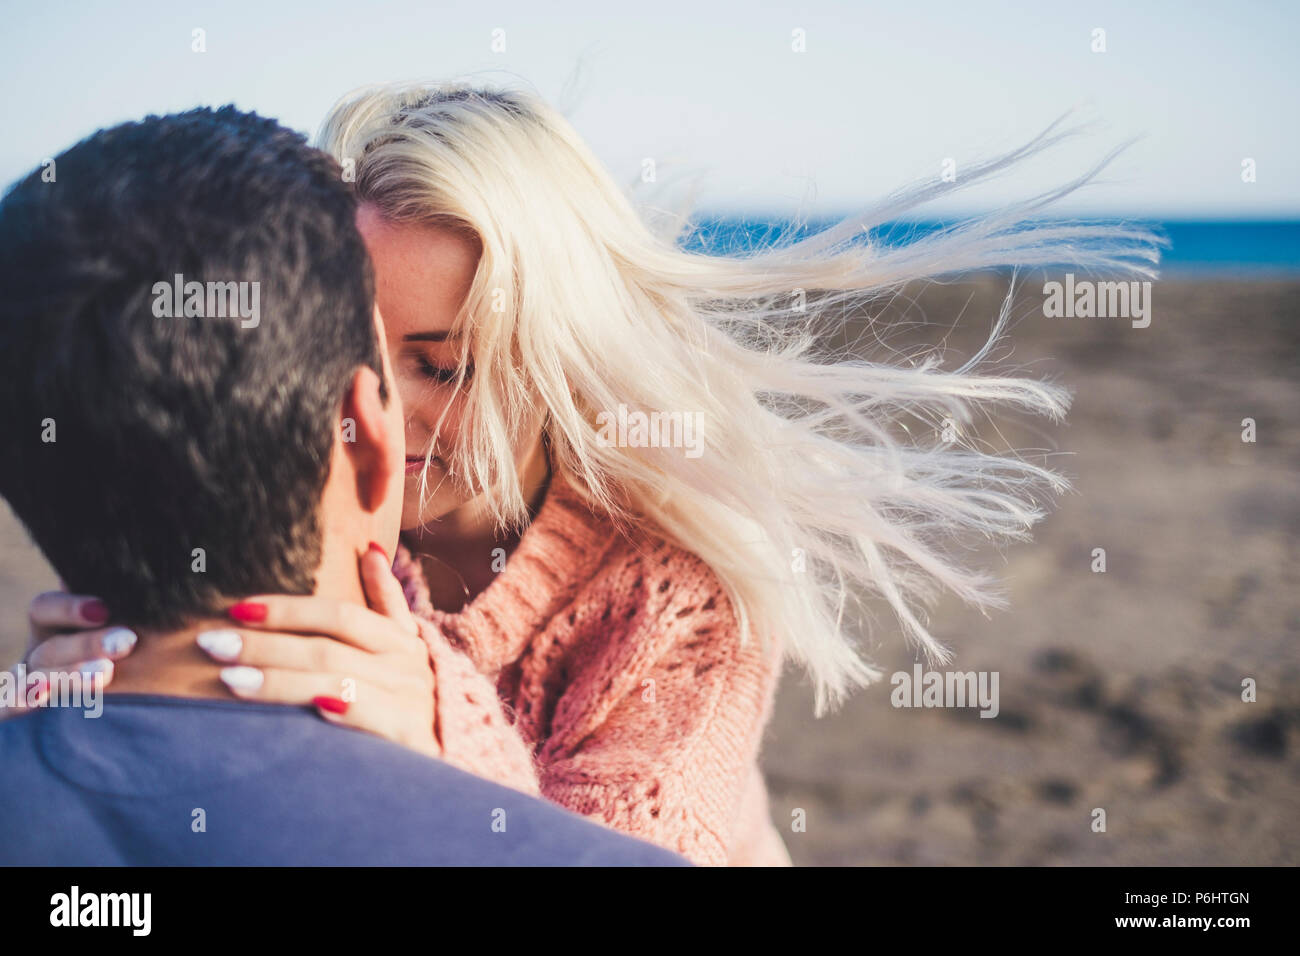 Romantisches Paar in Liebe umarmen und küssen mit geschlossenen Augen und voller Emotion. schönes Paar in Zärtlichkeit zusammen Outdoor Freizeitaktivitäten Aktivität an Stockfoto